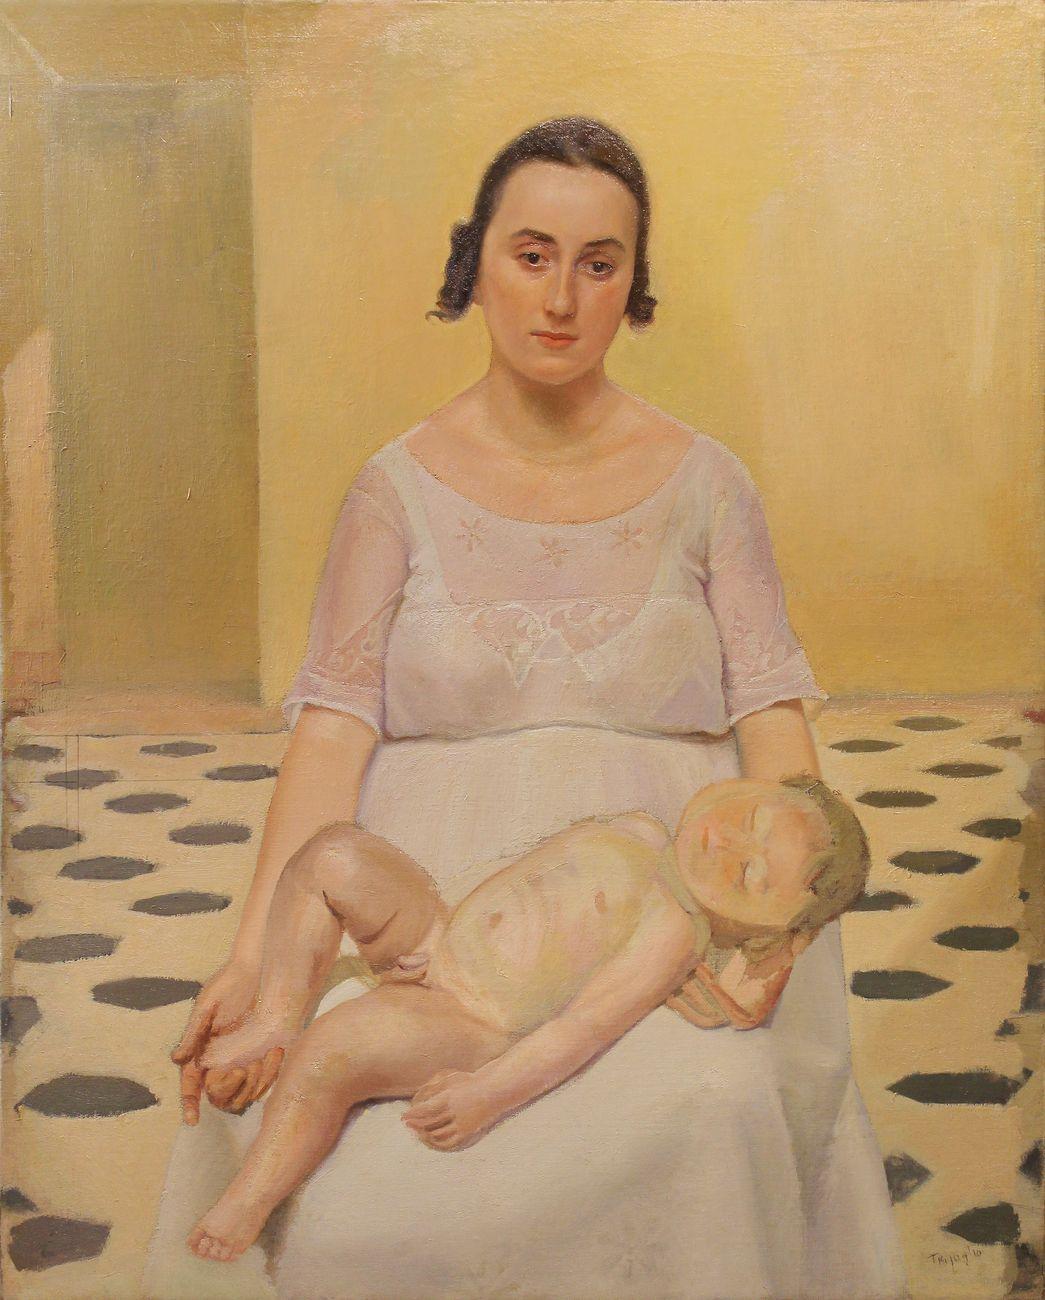 Luigi Trifoglio, Maternità. Courtesy Berardi Arte